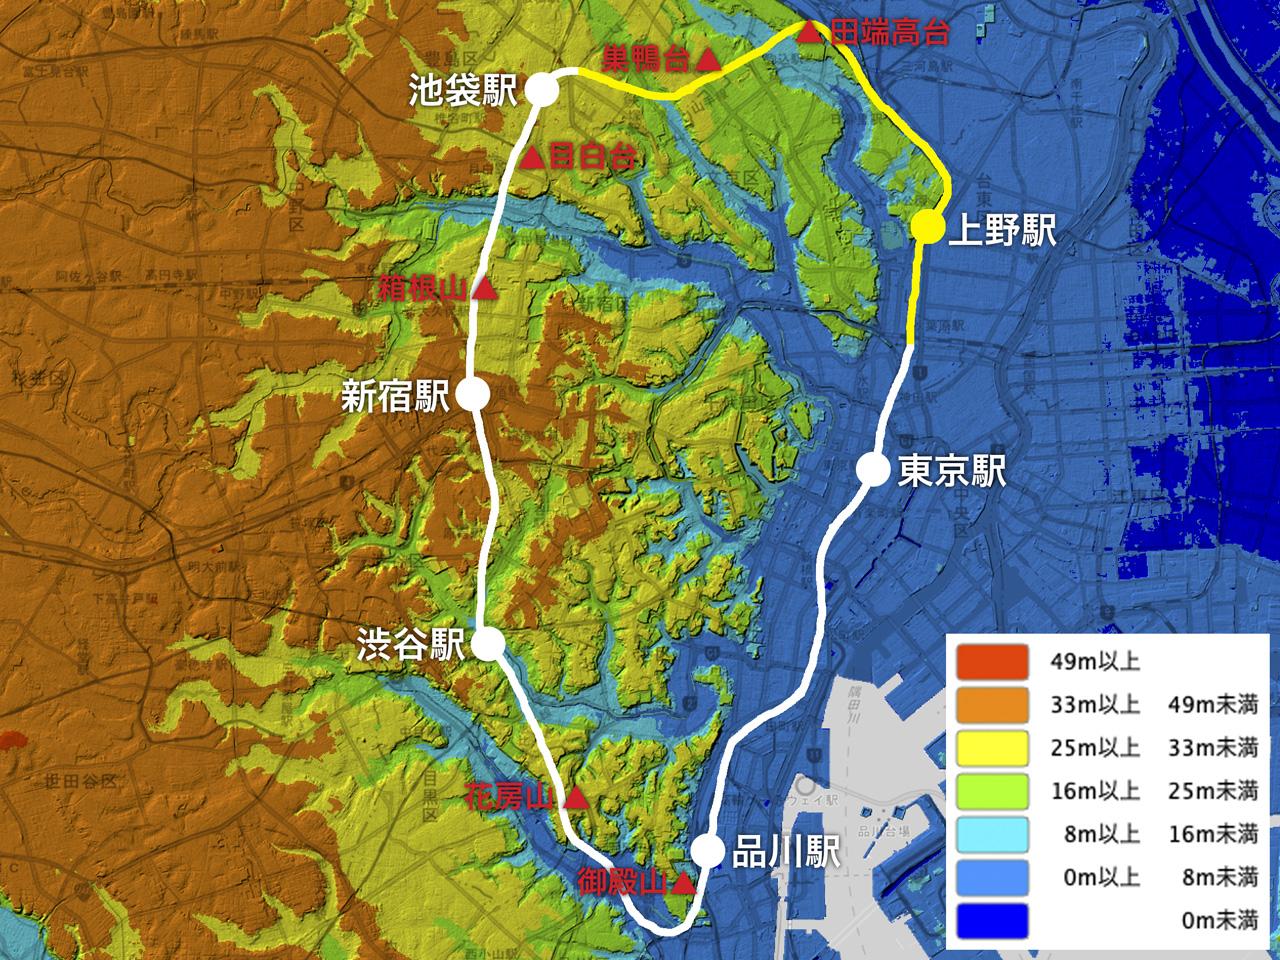 山手線地形図と走破状況